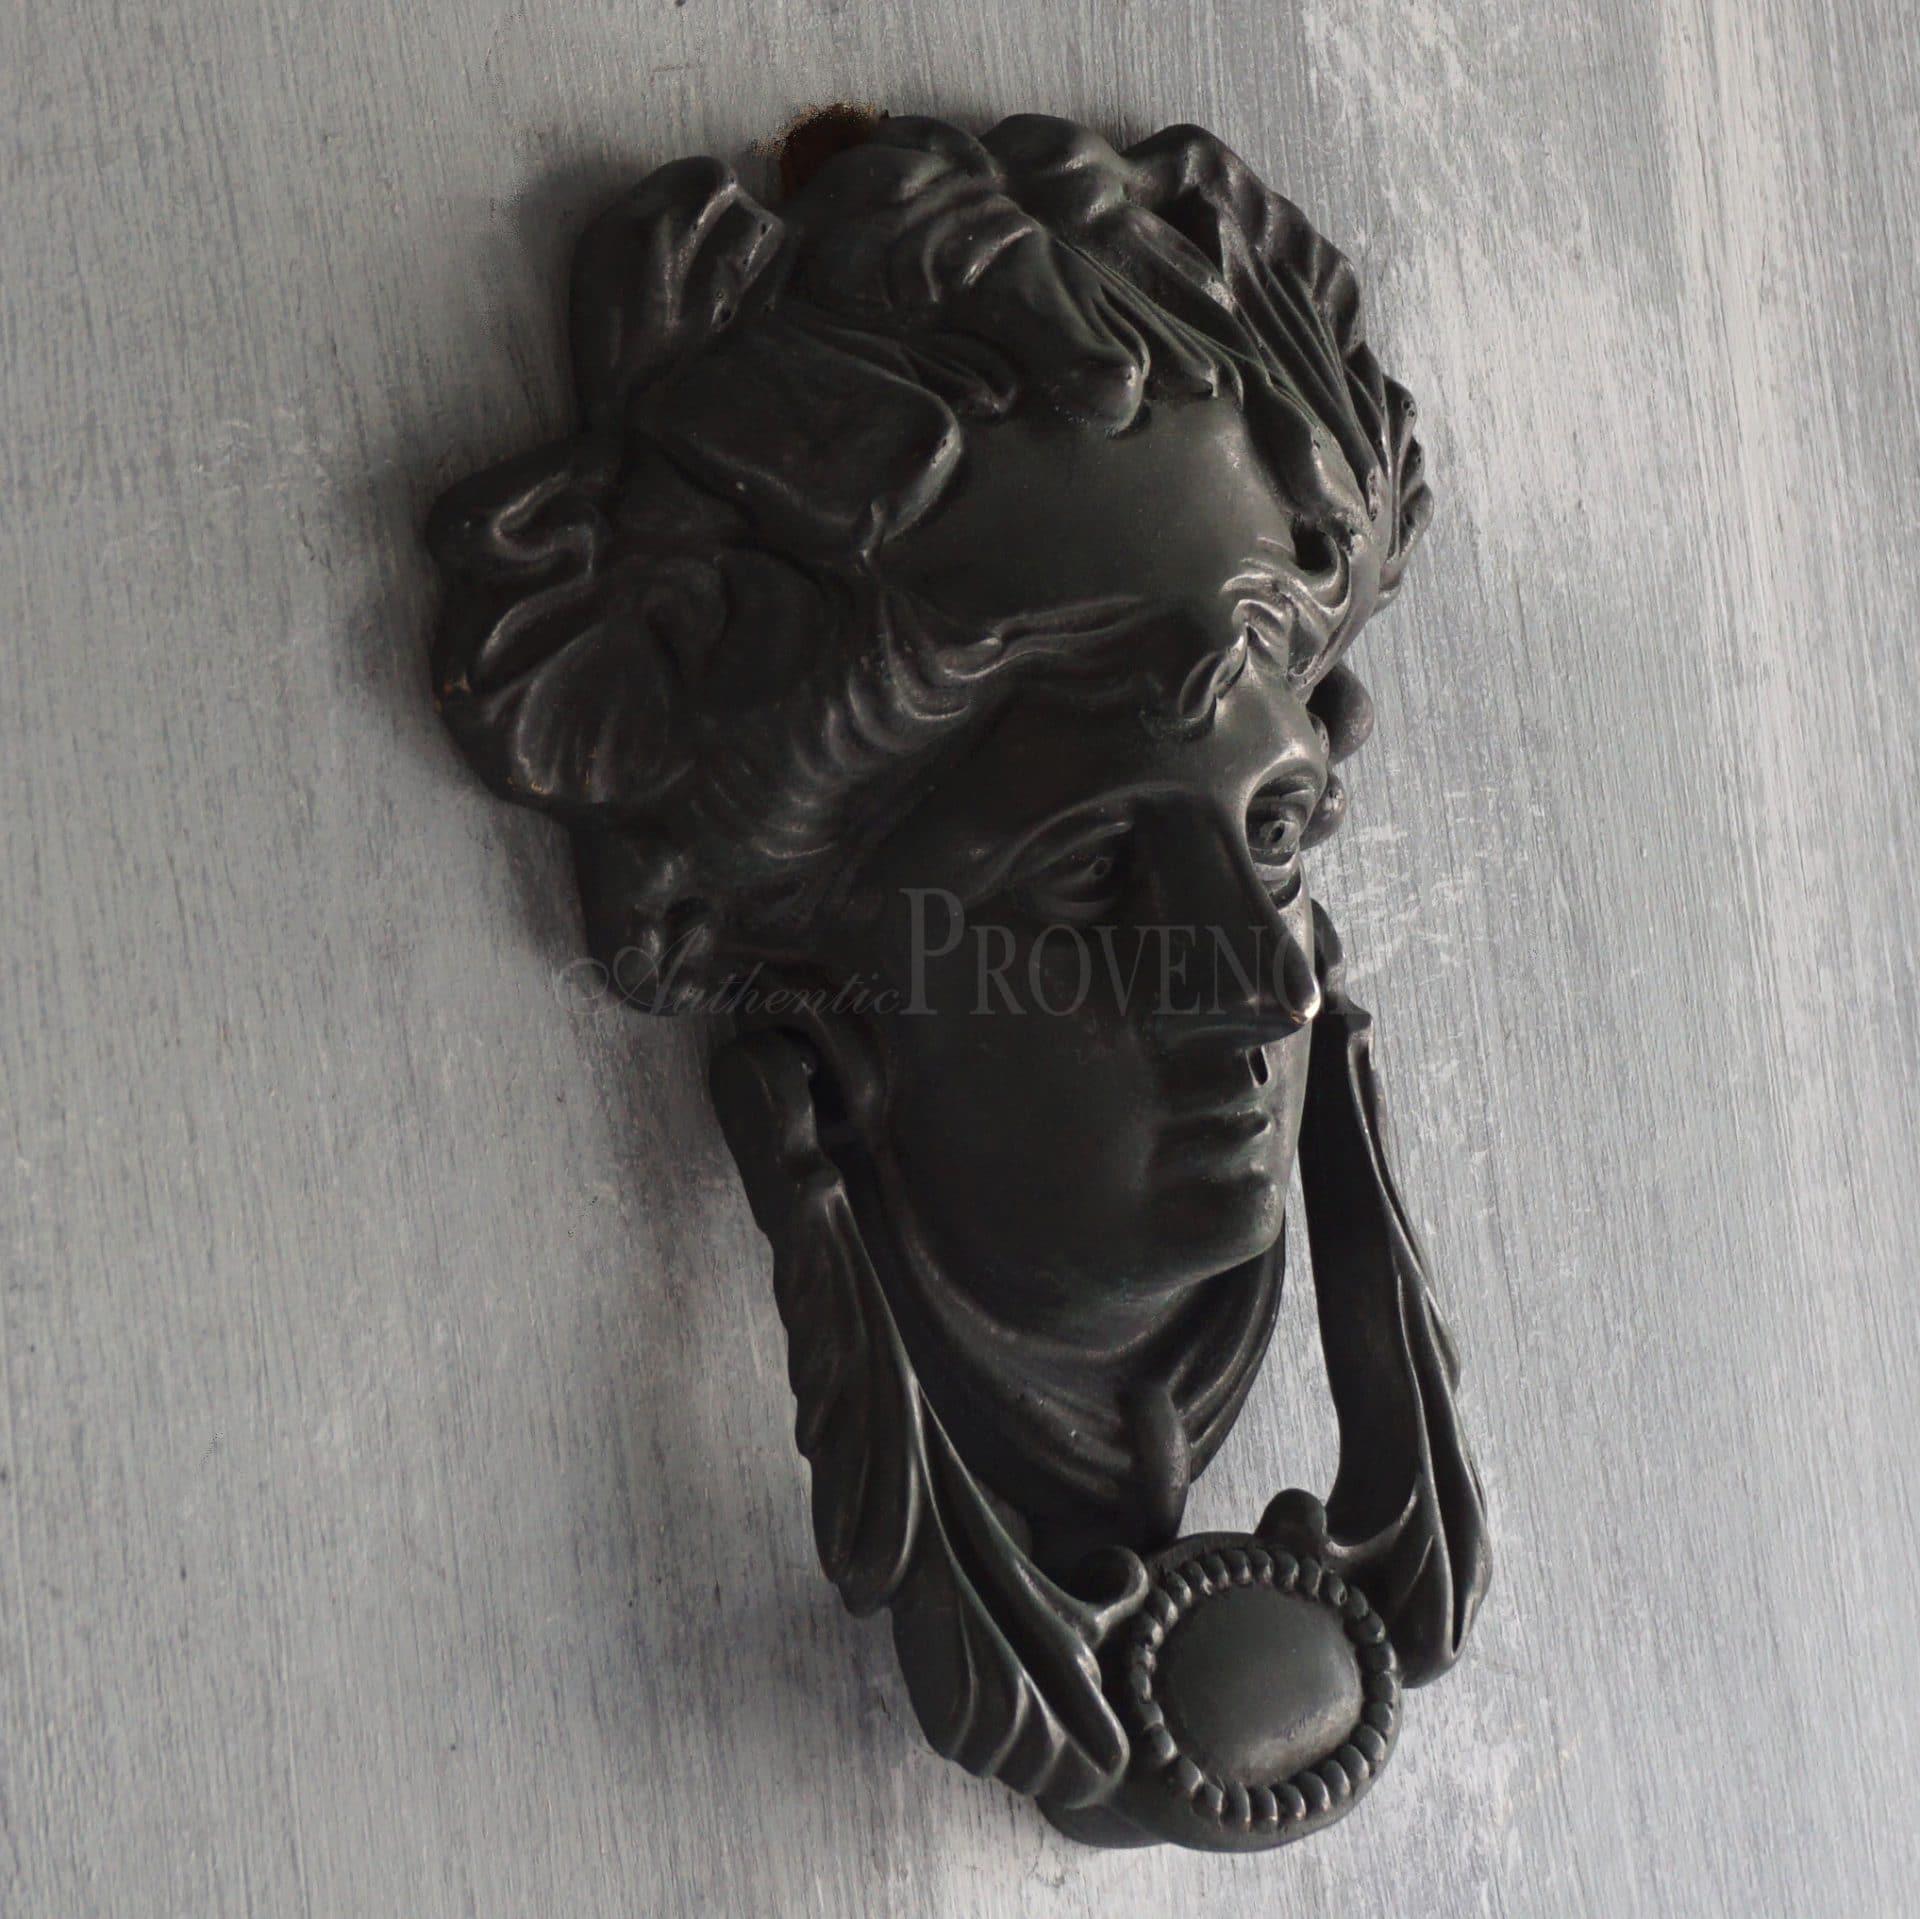 Poignee Medusa